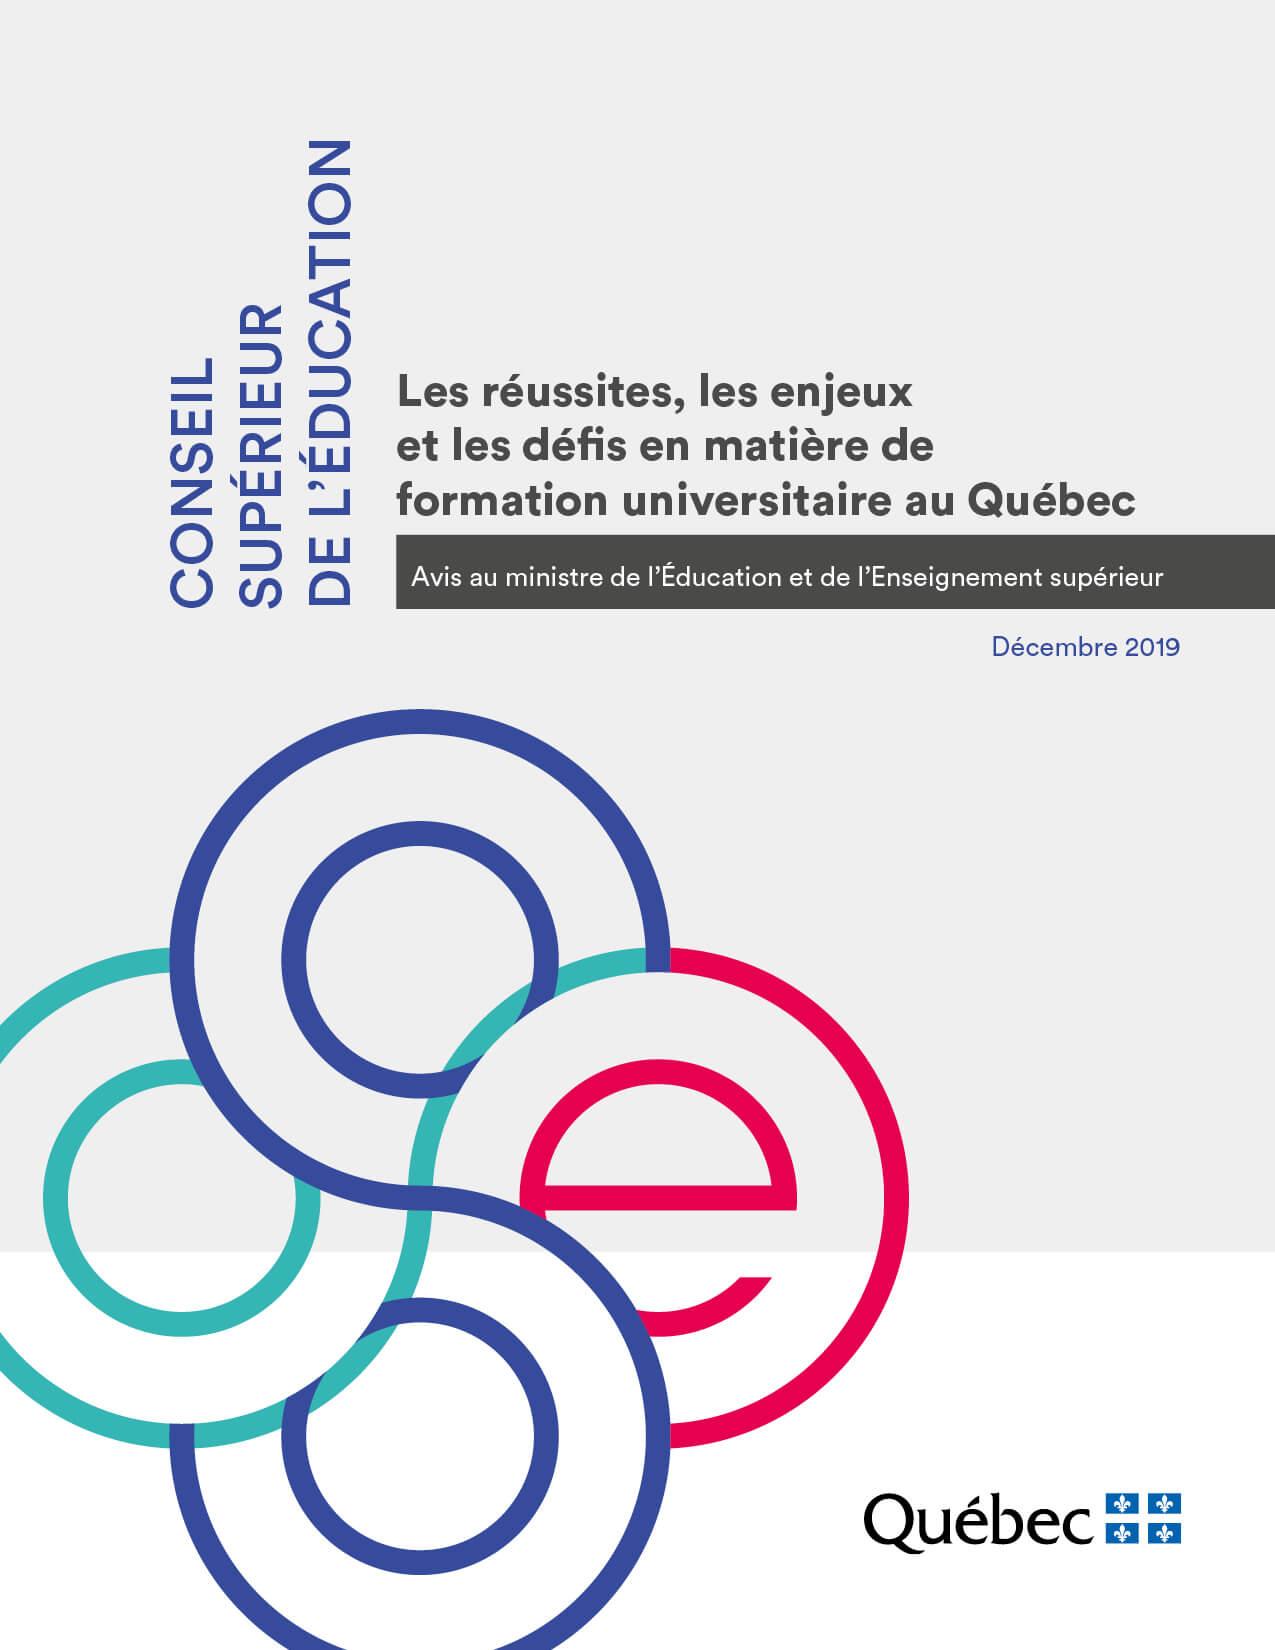 Les réussites, les enjeux et les défis en matière de formation universitaire au Québec